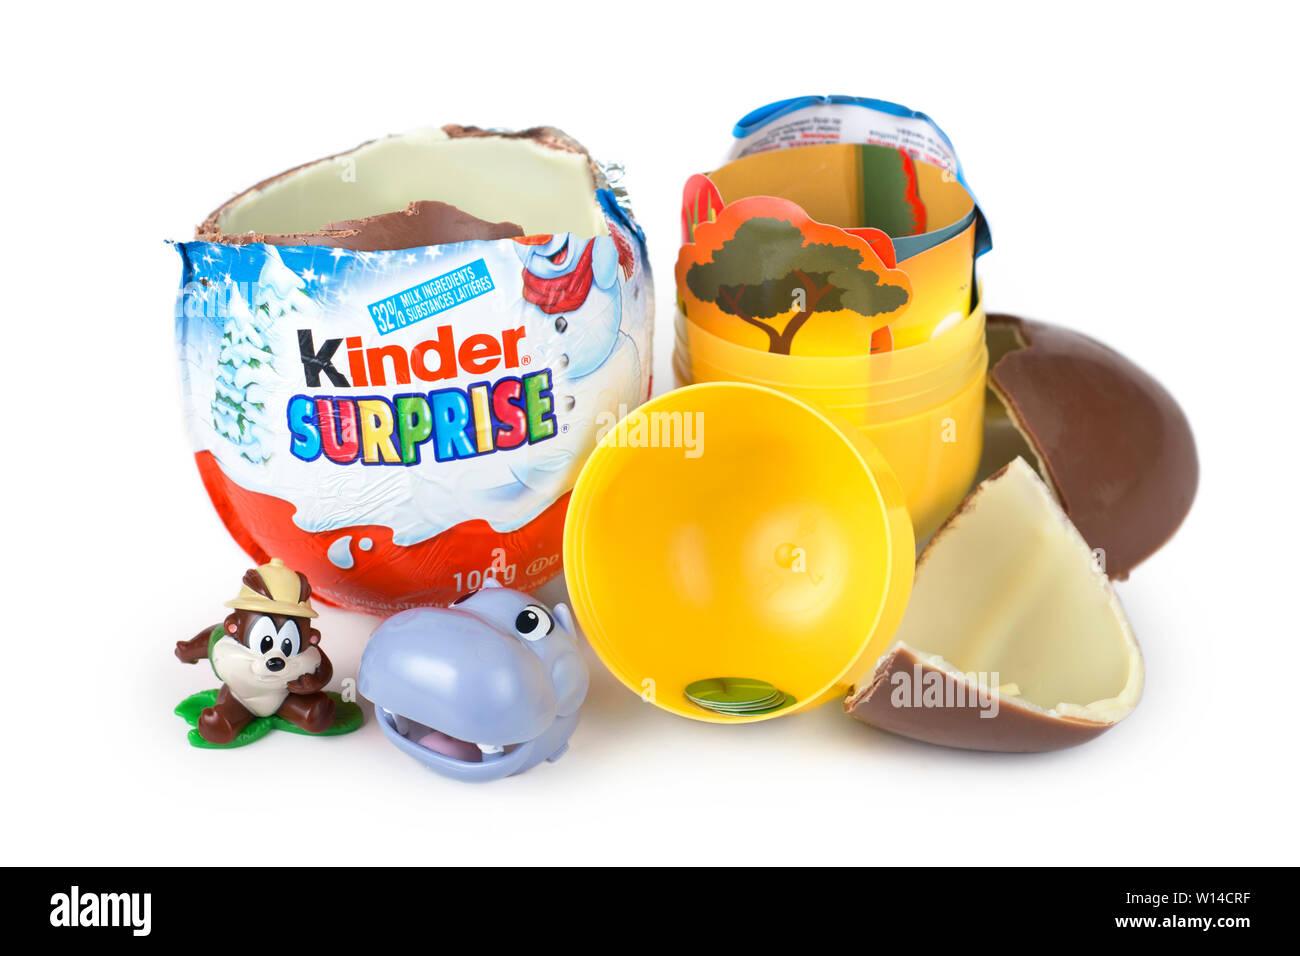 Les jouets Kinder Surprise, Toy Photo Stock